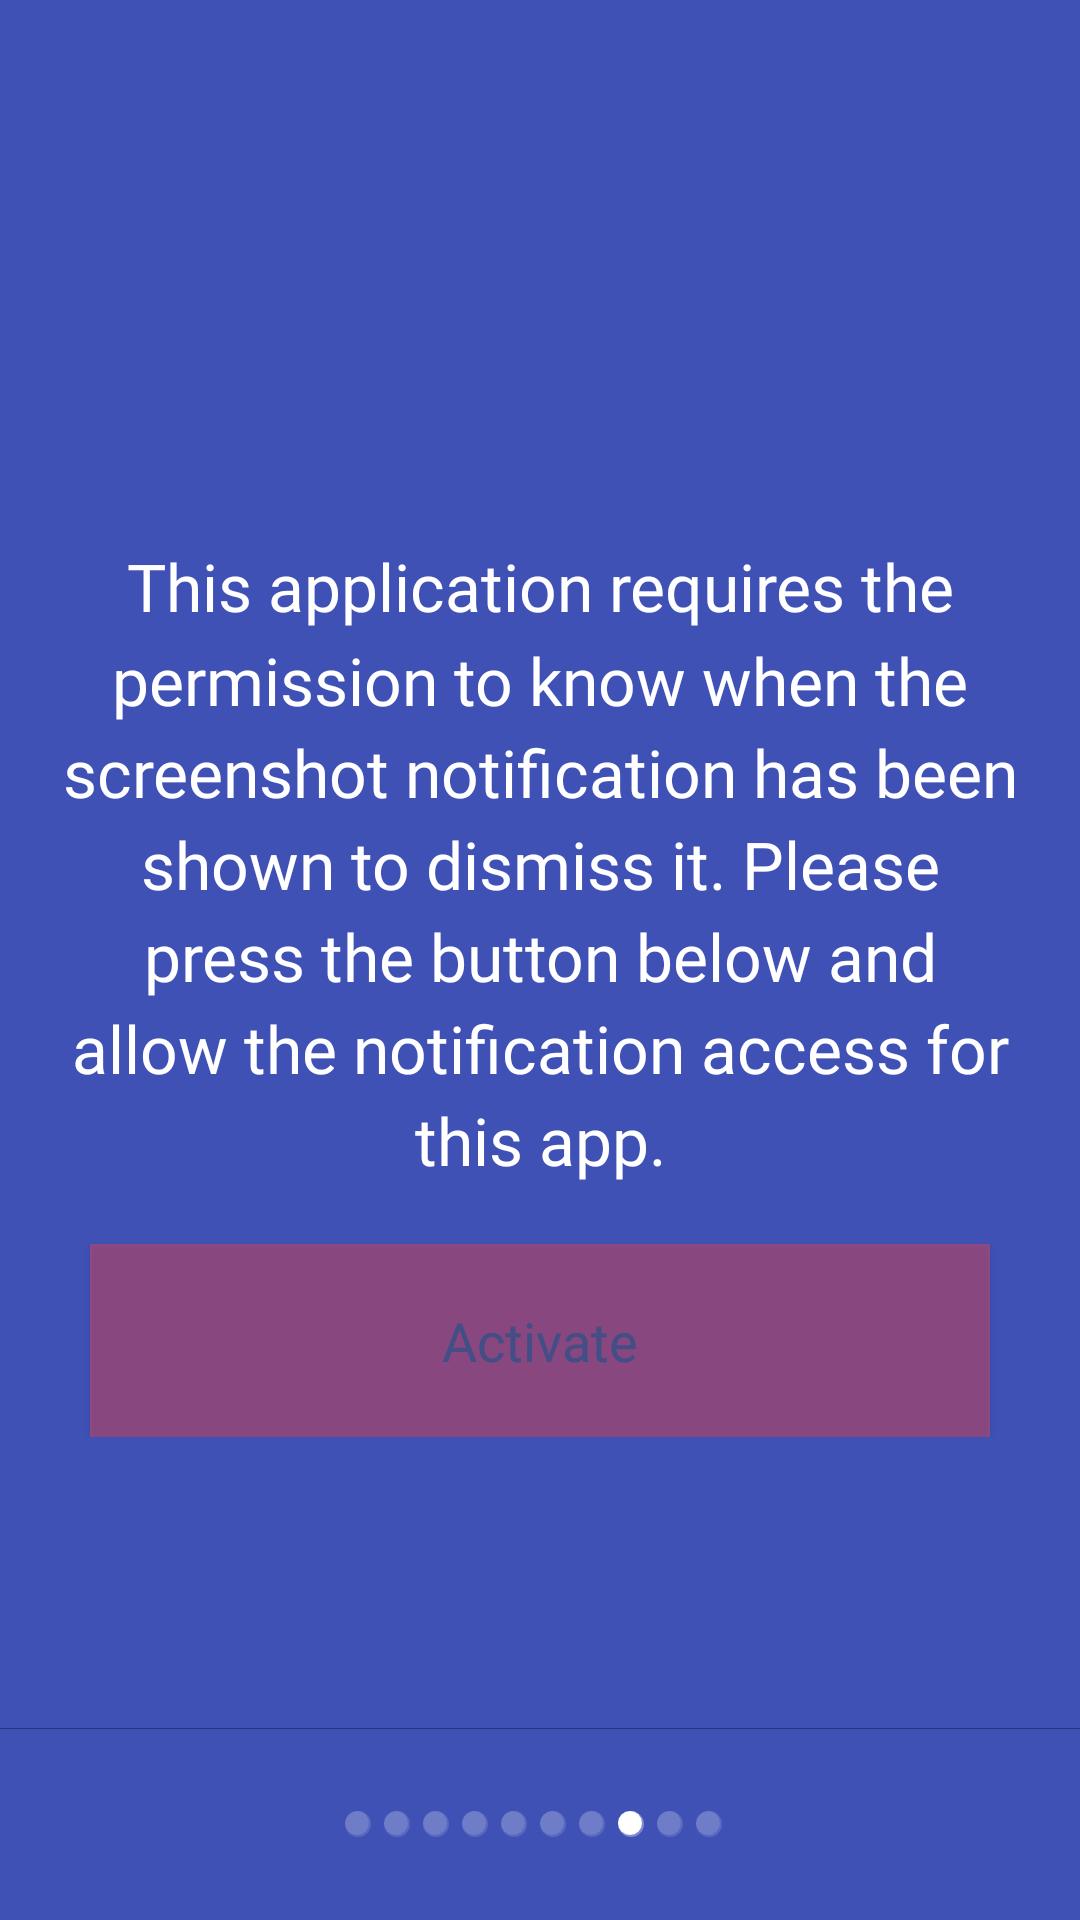 partial-screenshots-activate